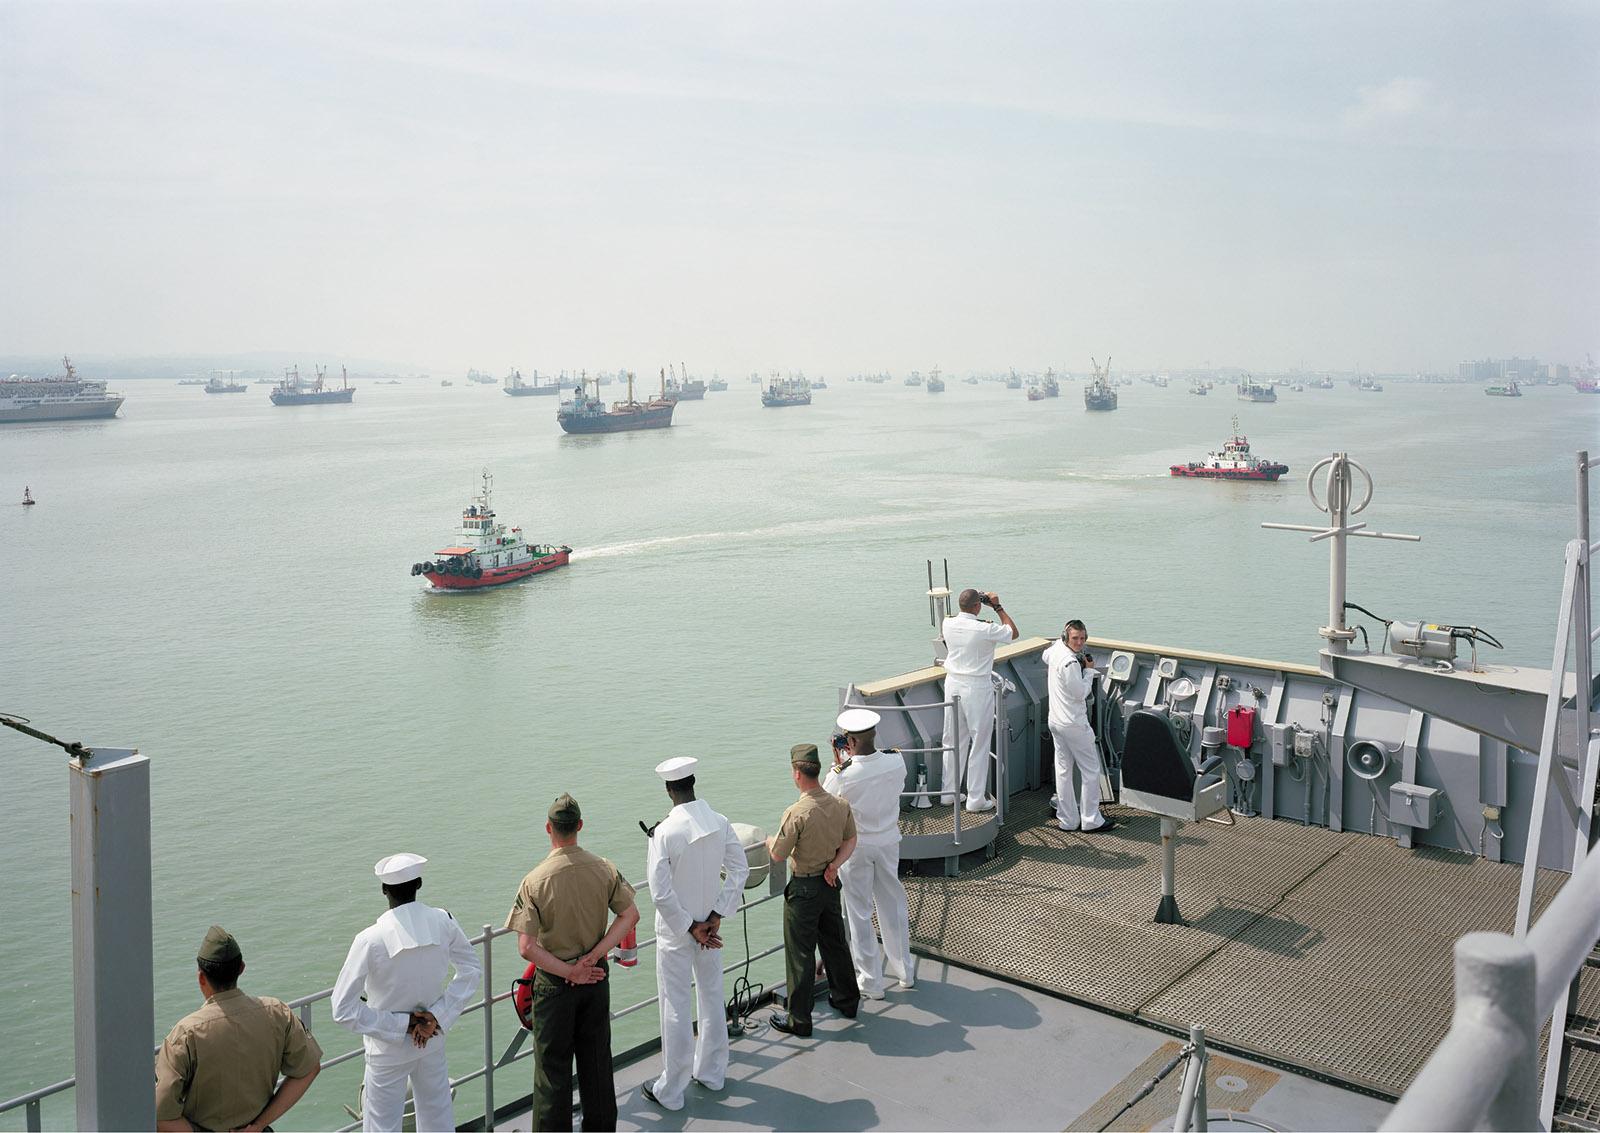 USS Tortuga, Java Sea, 2010